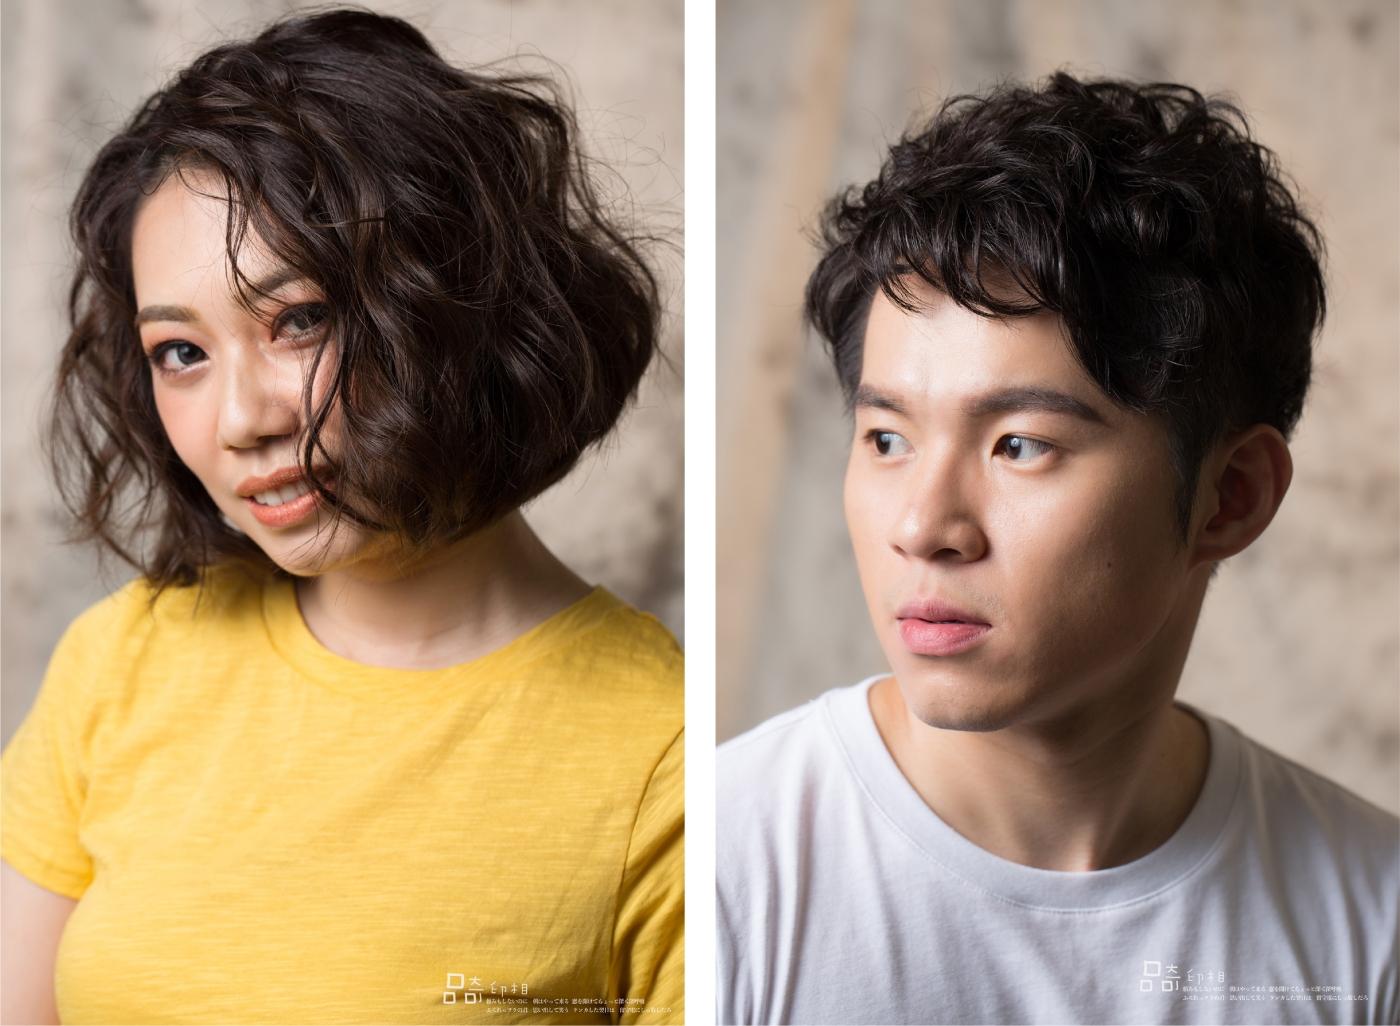 日雜慵懶風格|台北個人形象照|台北情侶寫真|台北妝髮造型推薦|台北新娘秘書|台北新秘推薦雨晴|內湖新娘秘書評價|短髮造型|居家感自然妝髮|婚攝Pinky|